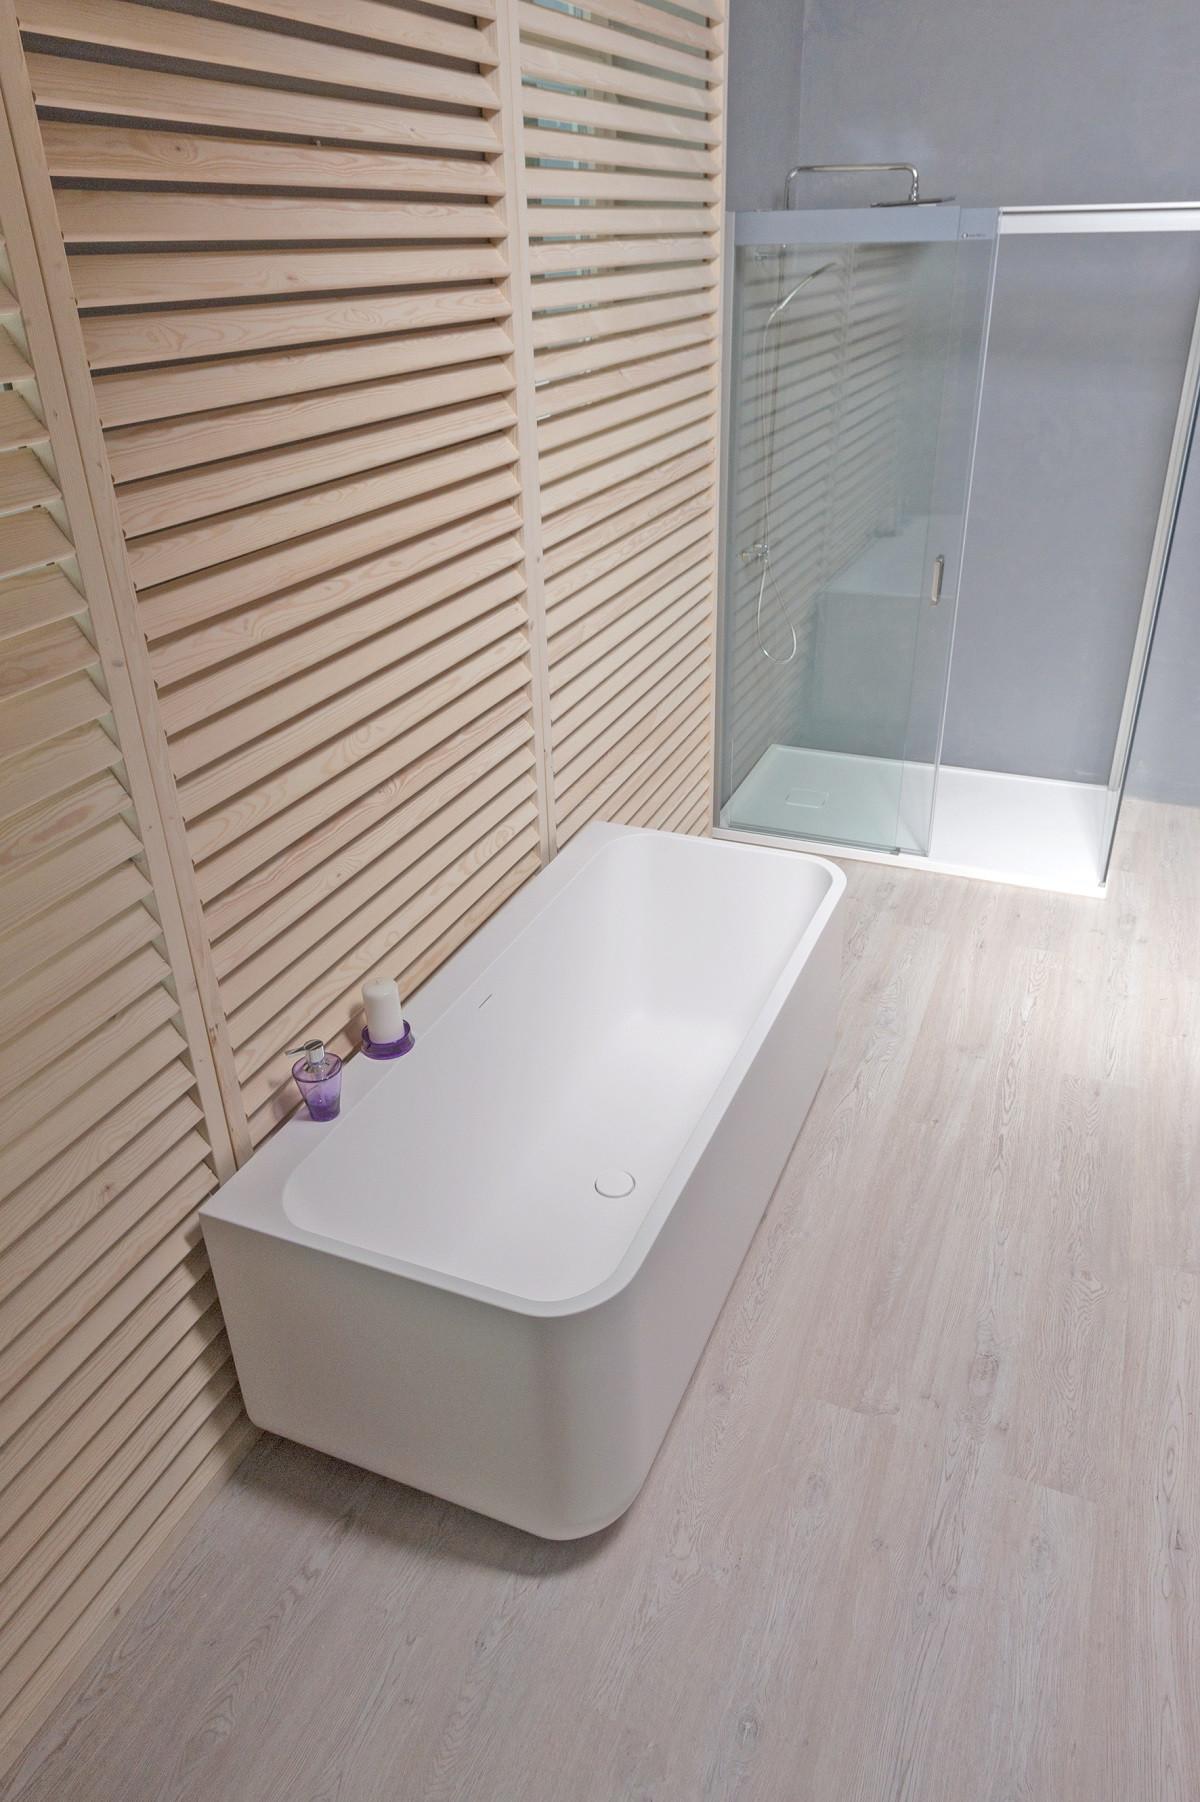 Aquatica SNCR-Wll-Wht Sincera™ Wall-Mounted AquaStone™ Bathtub in White